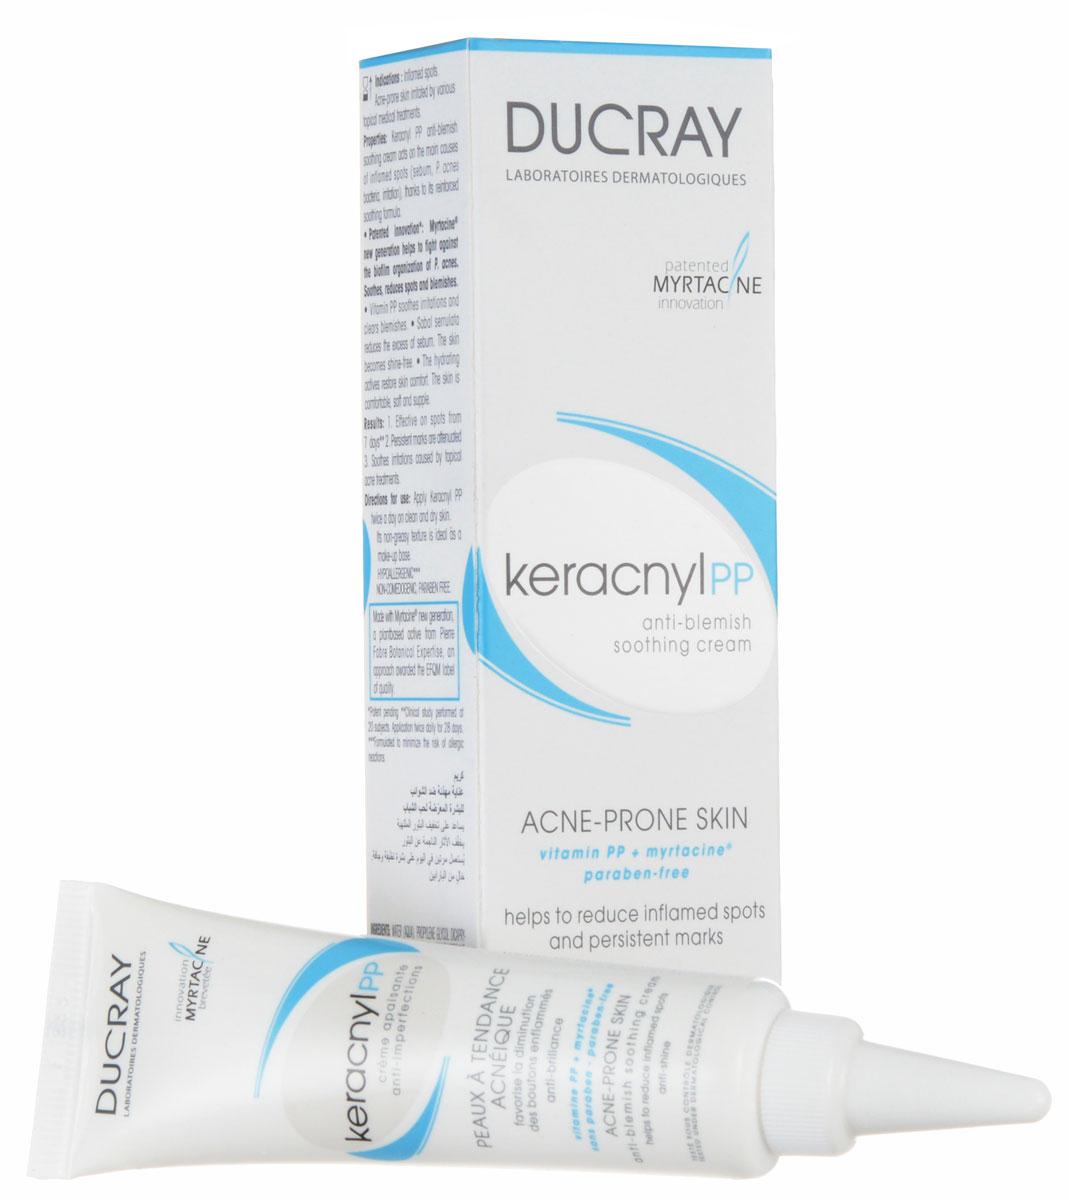 Ducray PP Успокаивающий кремKeracnyl против дефектов кожи, склонной к появлению акне 30 млC42238Системный подход к лечению акне включает правильную гигиену и дополнительный уход, в результате чего снижается количество высыпаний, кожа оздоравливается. Успокаивающий крем против дефектов кожи Керакнил РР разработан для кожи, склонной к угревой сыпи у подростков и взрослых. Улучшает переносимость медикаментозного лечения. Витамин PP оказывает противоспалительное действие и снимают раздражение. Инновационный растительный компонент Миртацин способствует исчезновению угревых элементов при воспалительном акне. Эффективность Снижает количество угревых элементов и/или акне через 7 дней применения* Улучшает переносимость наружных лечебных препаратов против акне успокаивающий эффект на коже 96%** Сокращает видимые покраснения и раздражения Увлажнение до 6 часов*** * Клиническое и биоклиматологическое исследование под дерматологическим контролем с участием 20 человек с кожей, склонной к акне, два нанесения в день на протяжении 28 дней. ** Исследование переносимости в сочетании с лечебными...